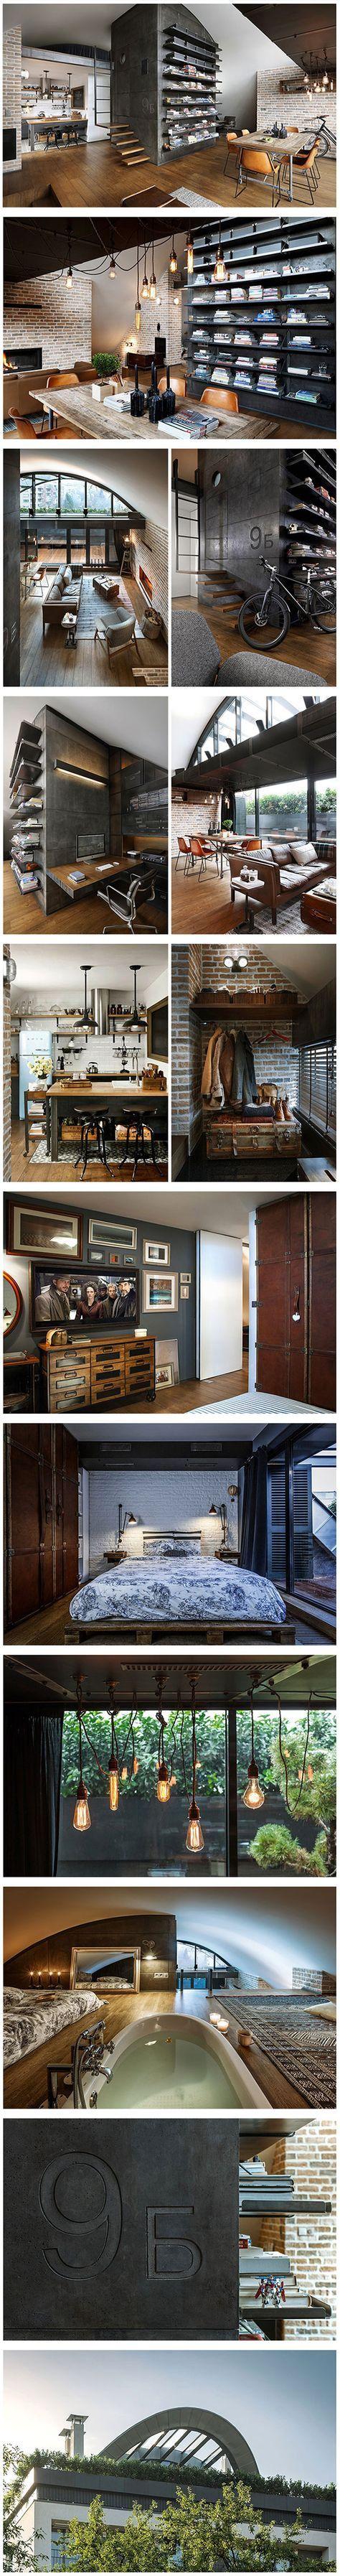 Decoración y diseño de interiores                                                                                                                                                                                 Más